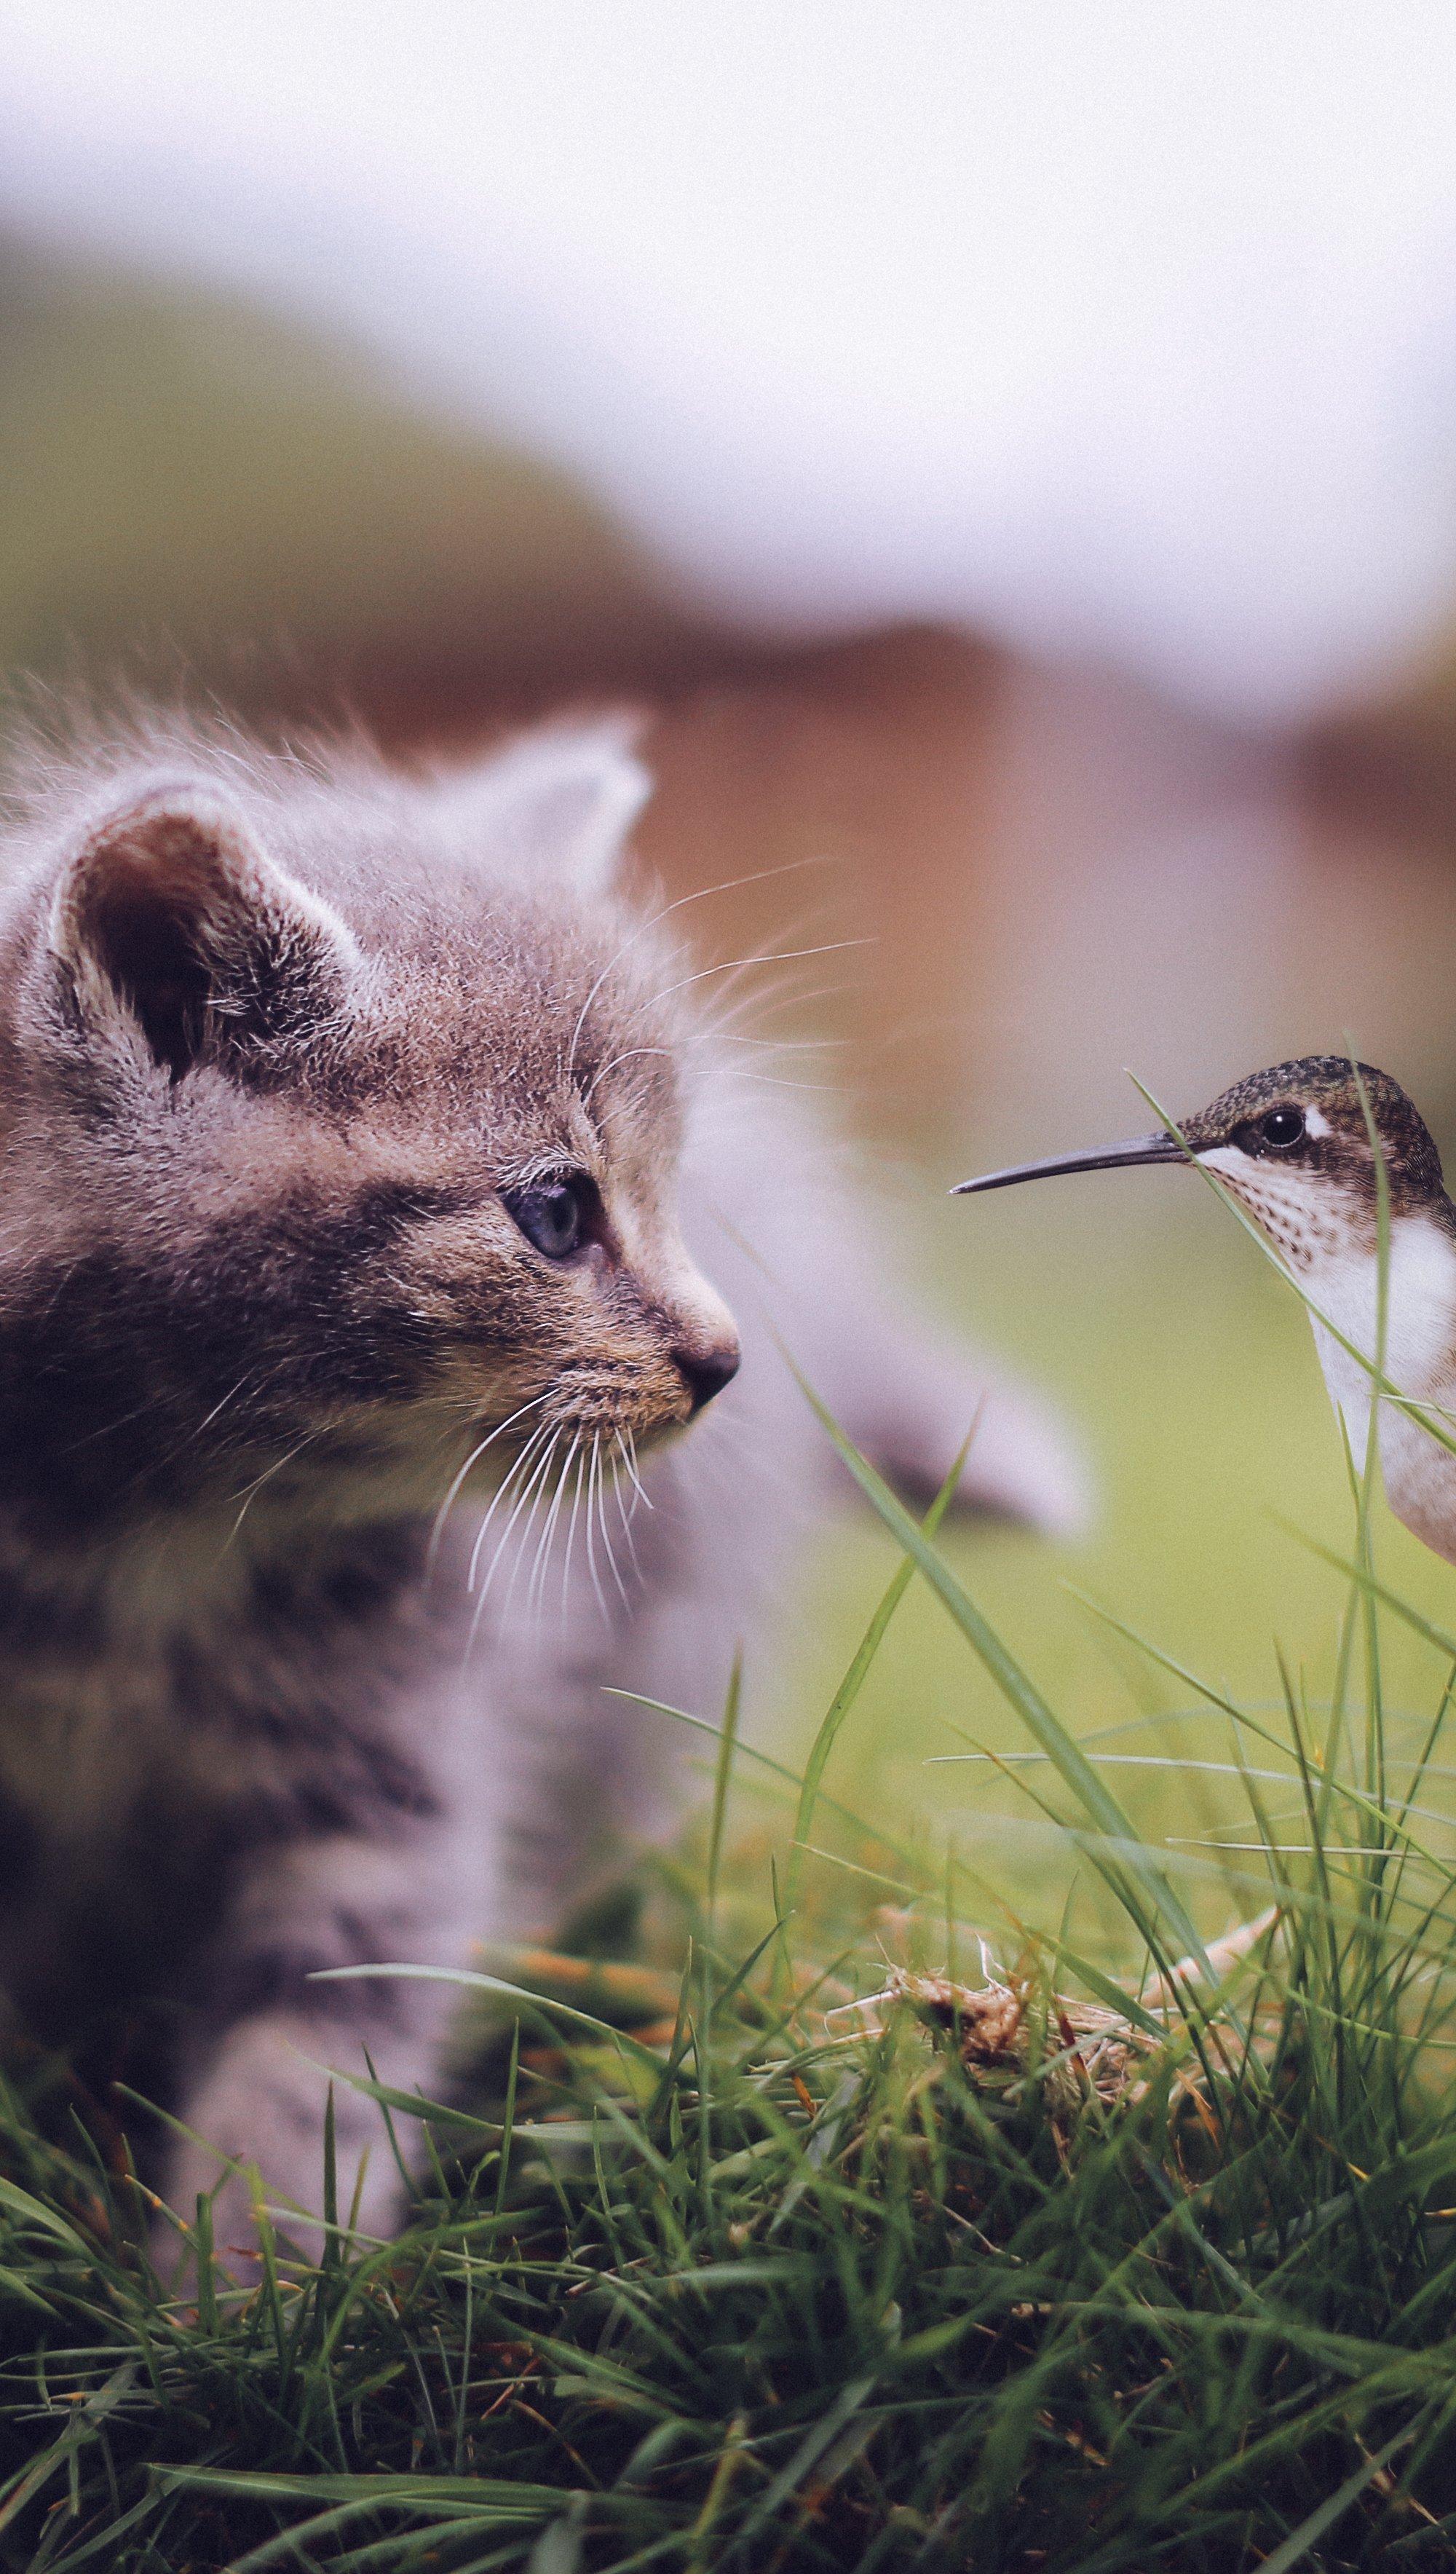 Fondos de pantalla Gato con colibrí Vertical